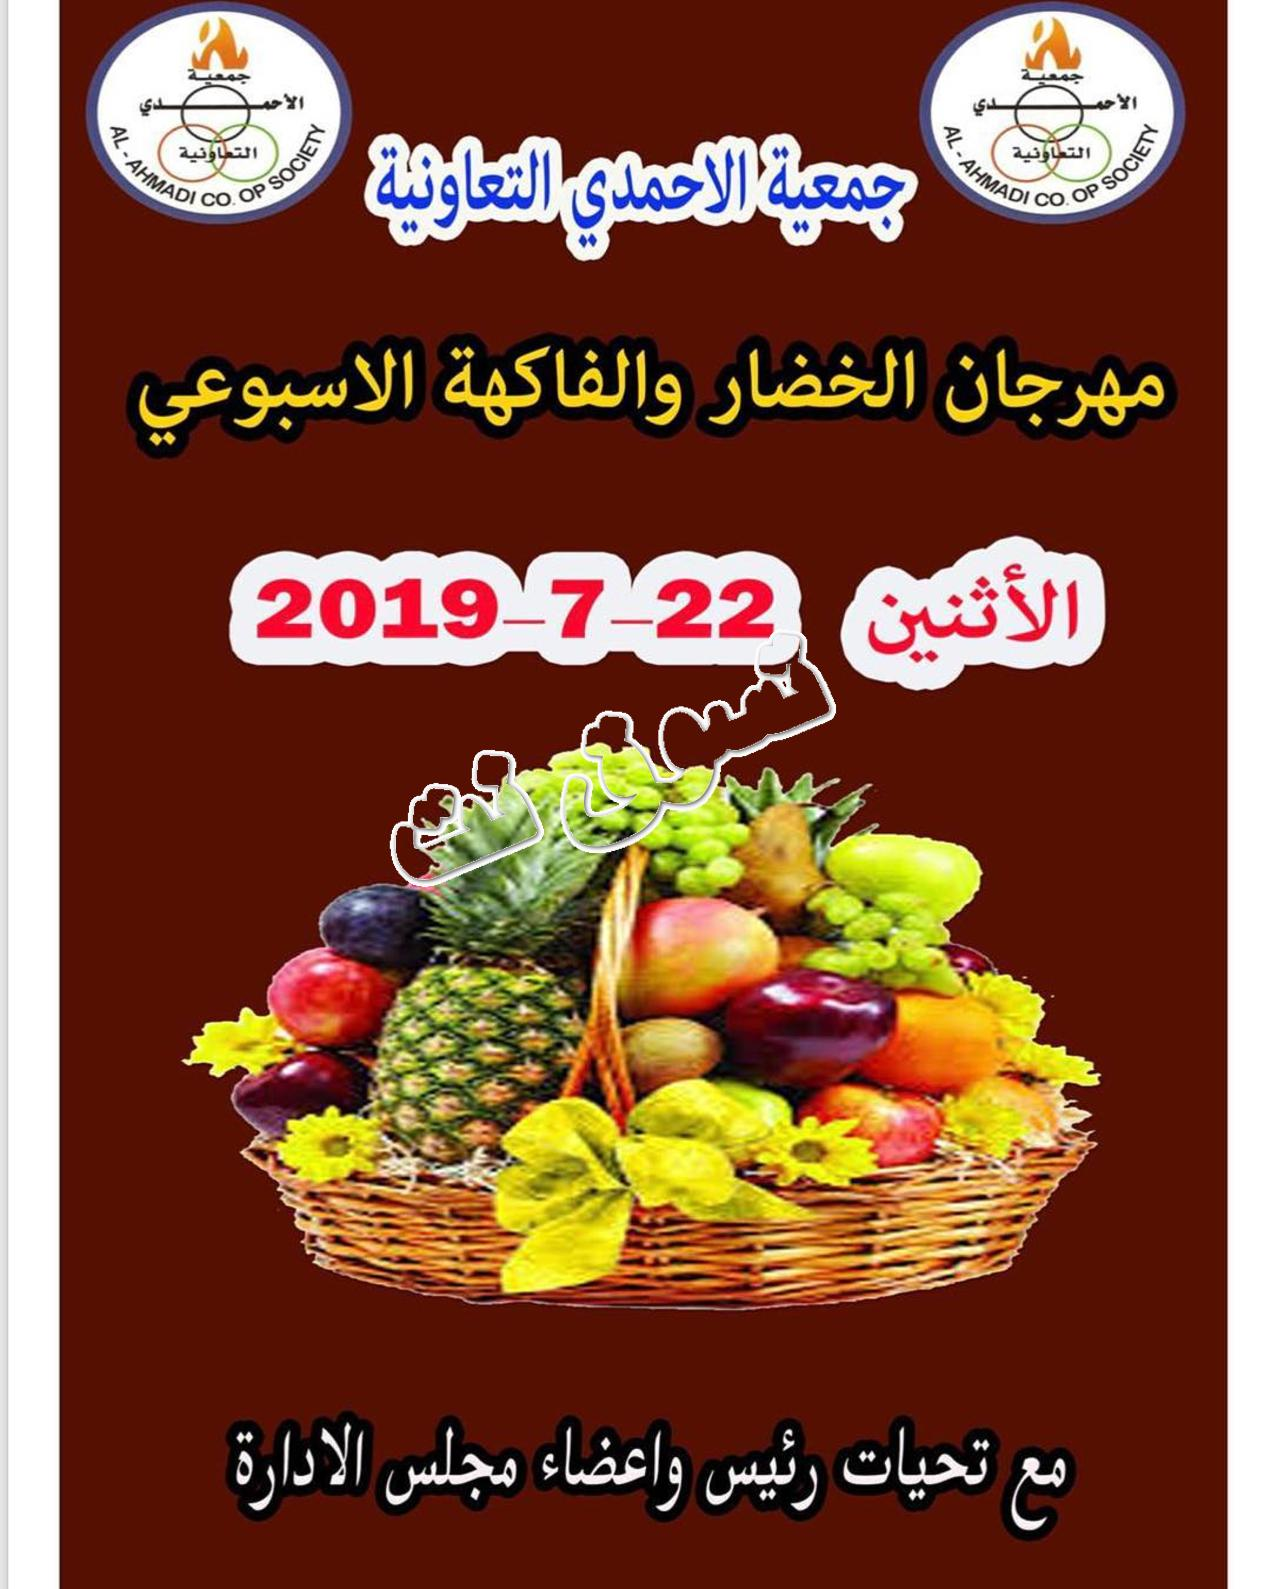 Calaméo - Tsawq Net Ahmadi Coop Kuwait 22 7 2019